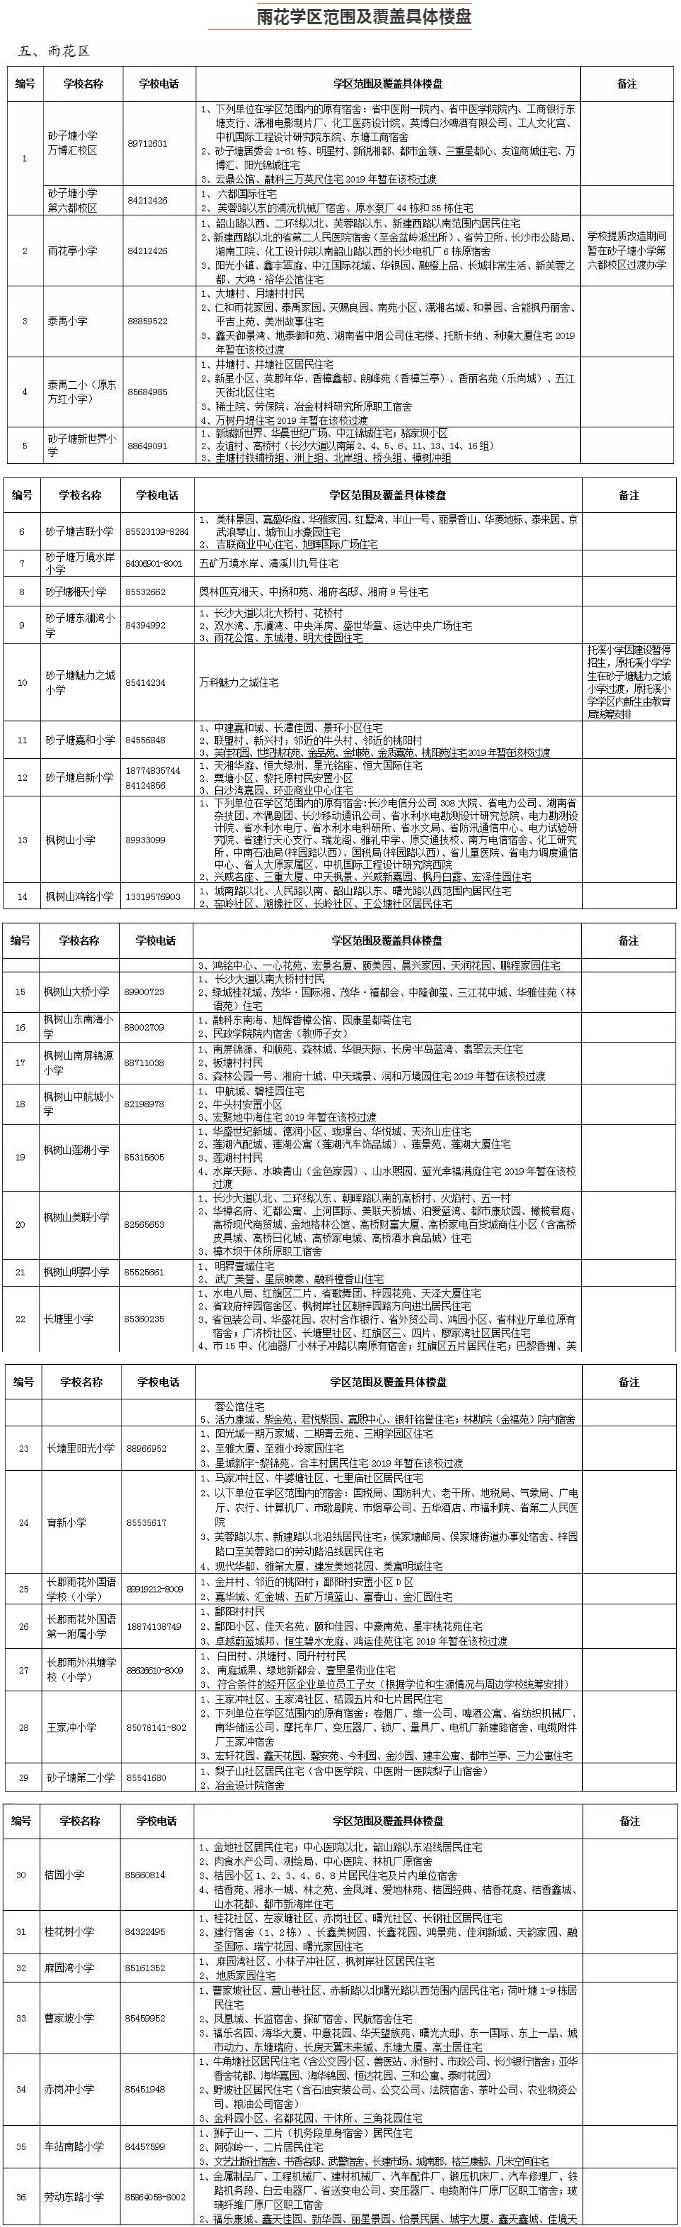 2019年雨花區公辦小學學區范圍及覆蓋具體樓盤明細表